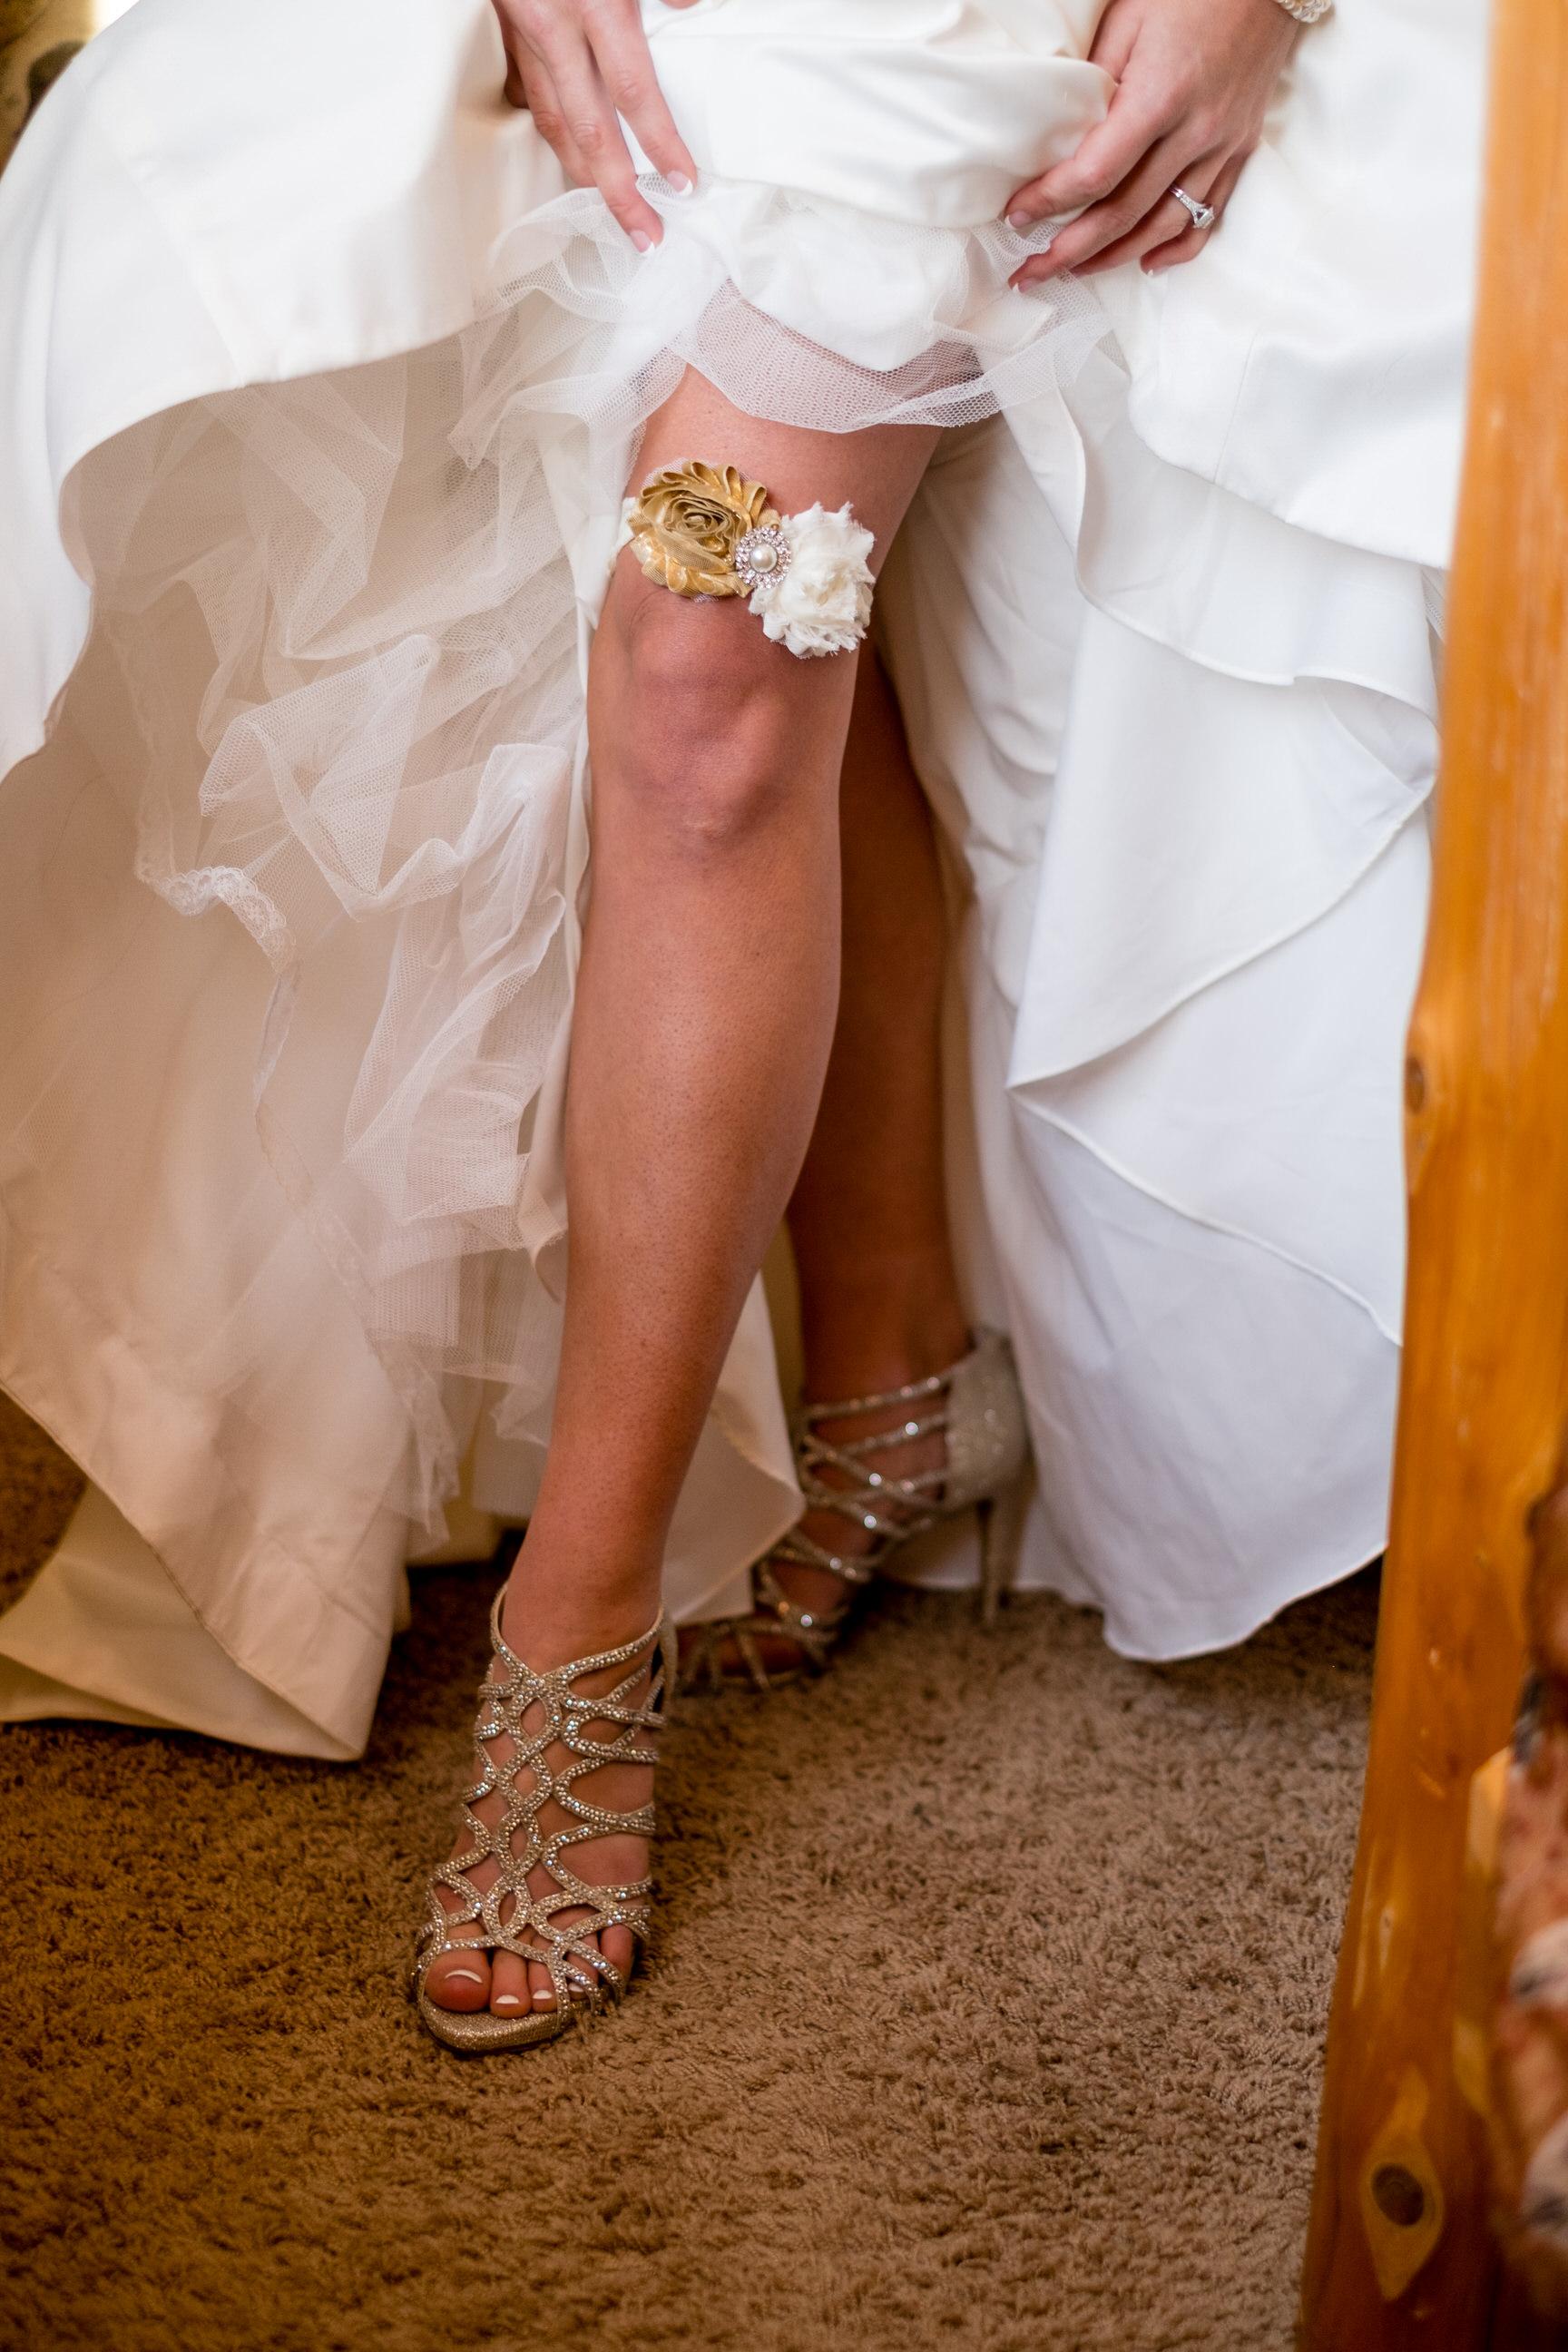 garter belt wedding photographer brainerd, mn